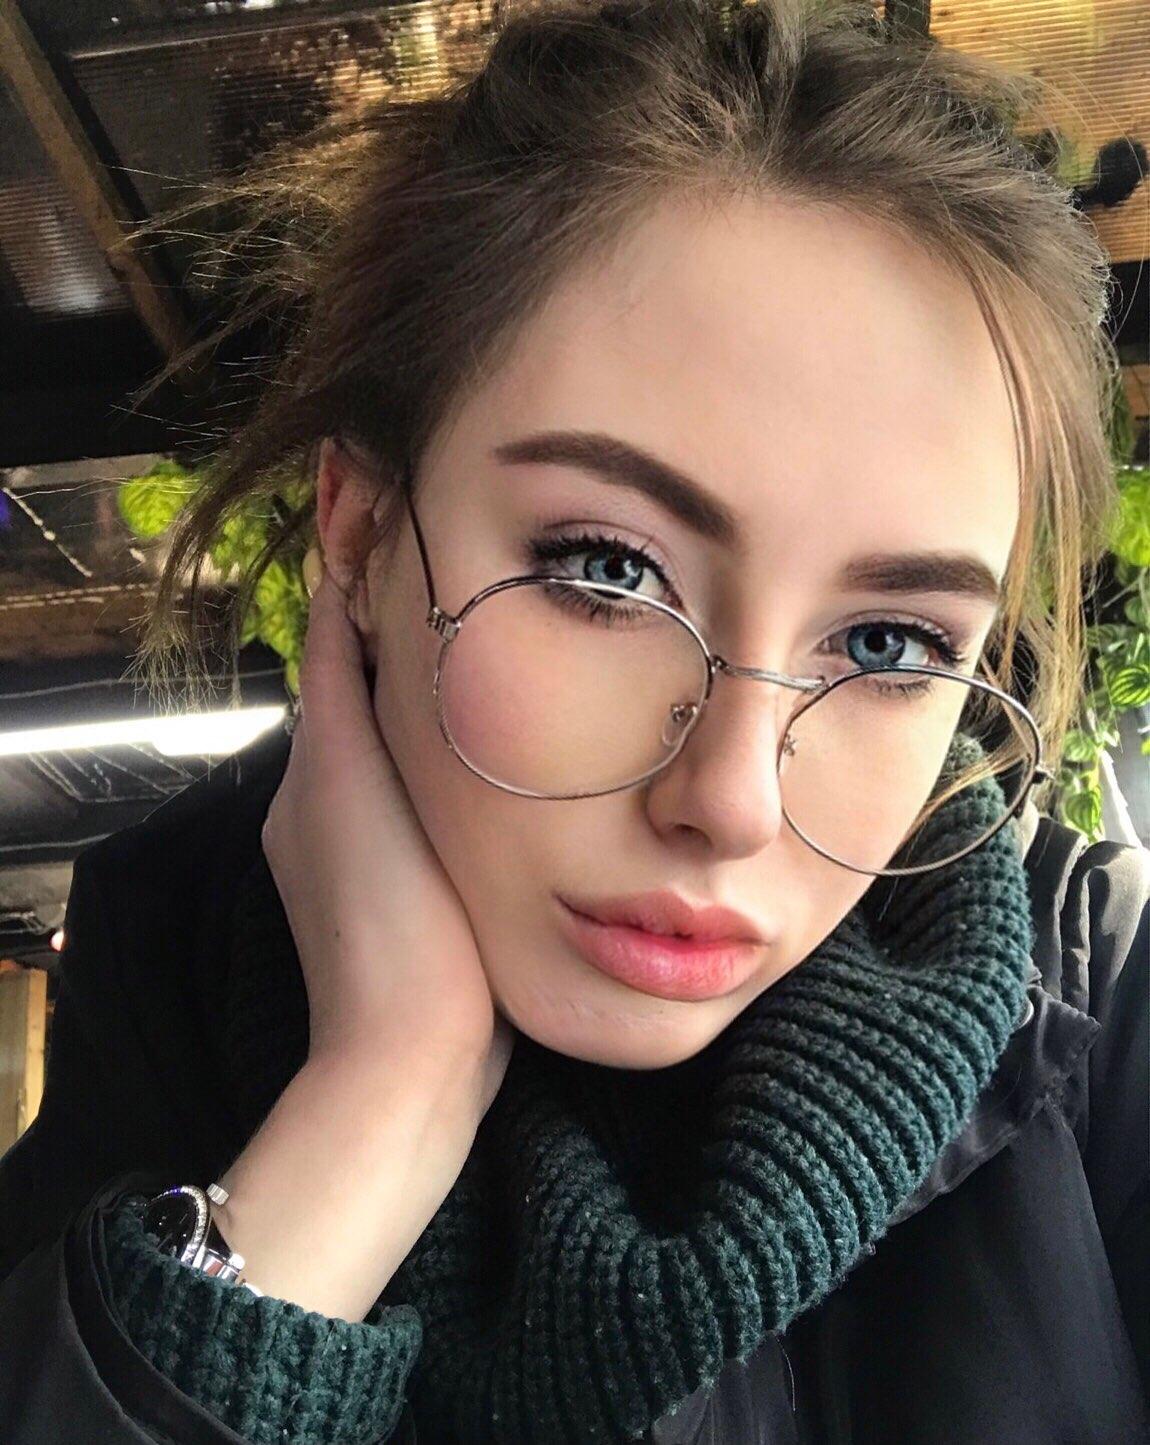 משקפי שמש לאישה דגם 1660 photo review